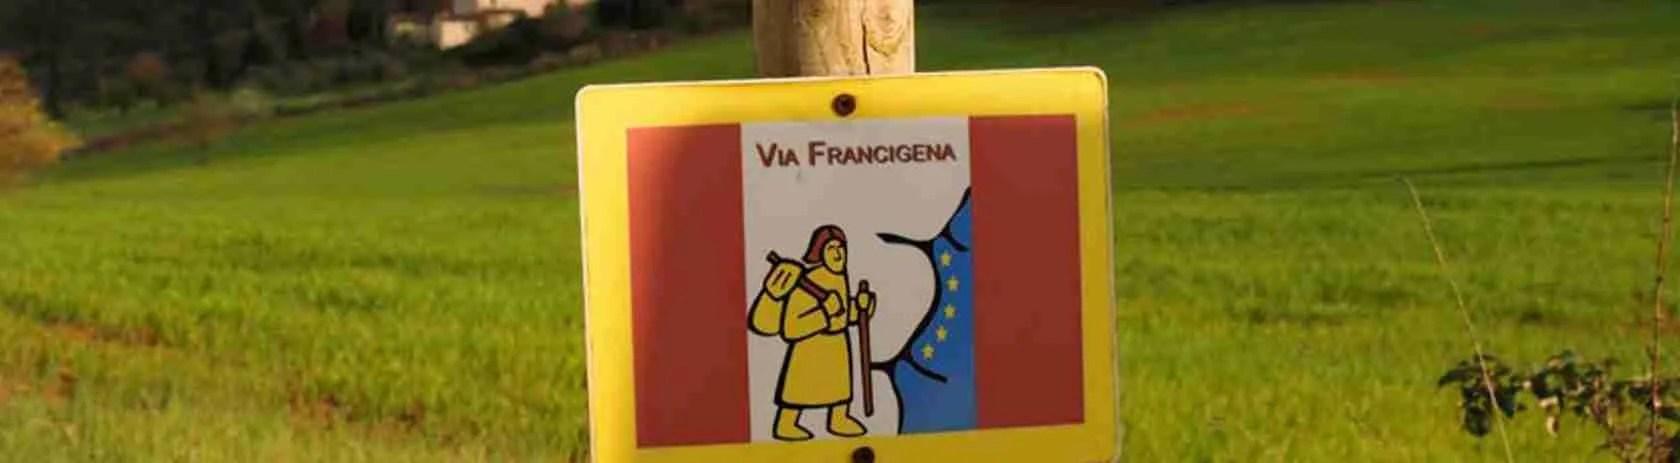 La Via Francigena è una scelta obbligata per le escort Pavia che sono in cerca di relax e romanticismo.